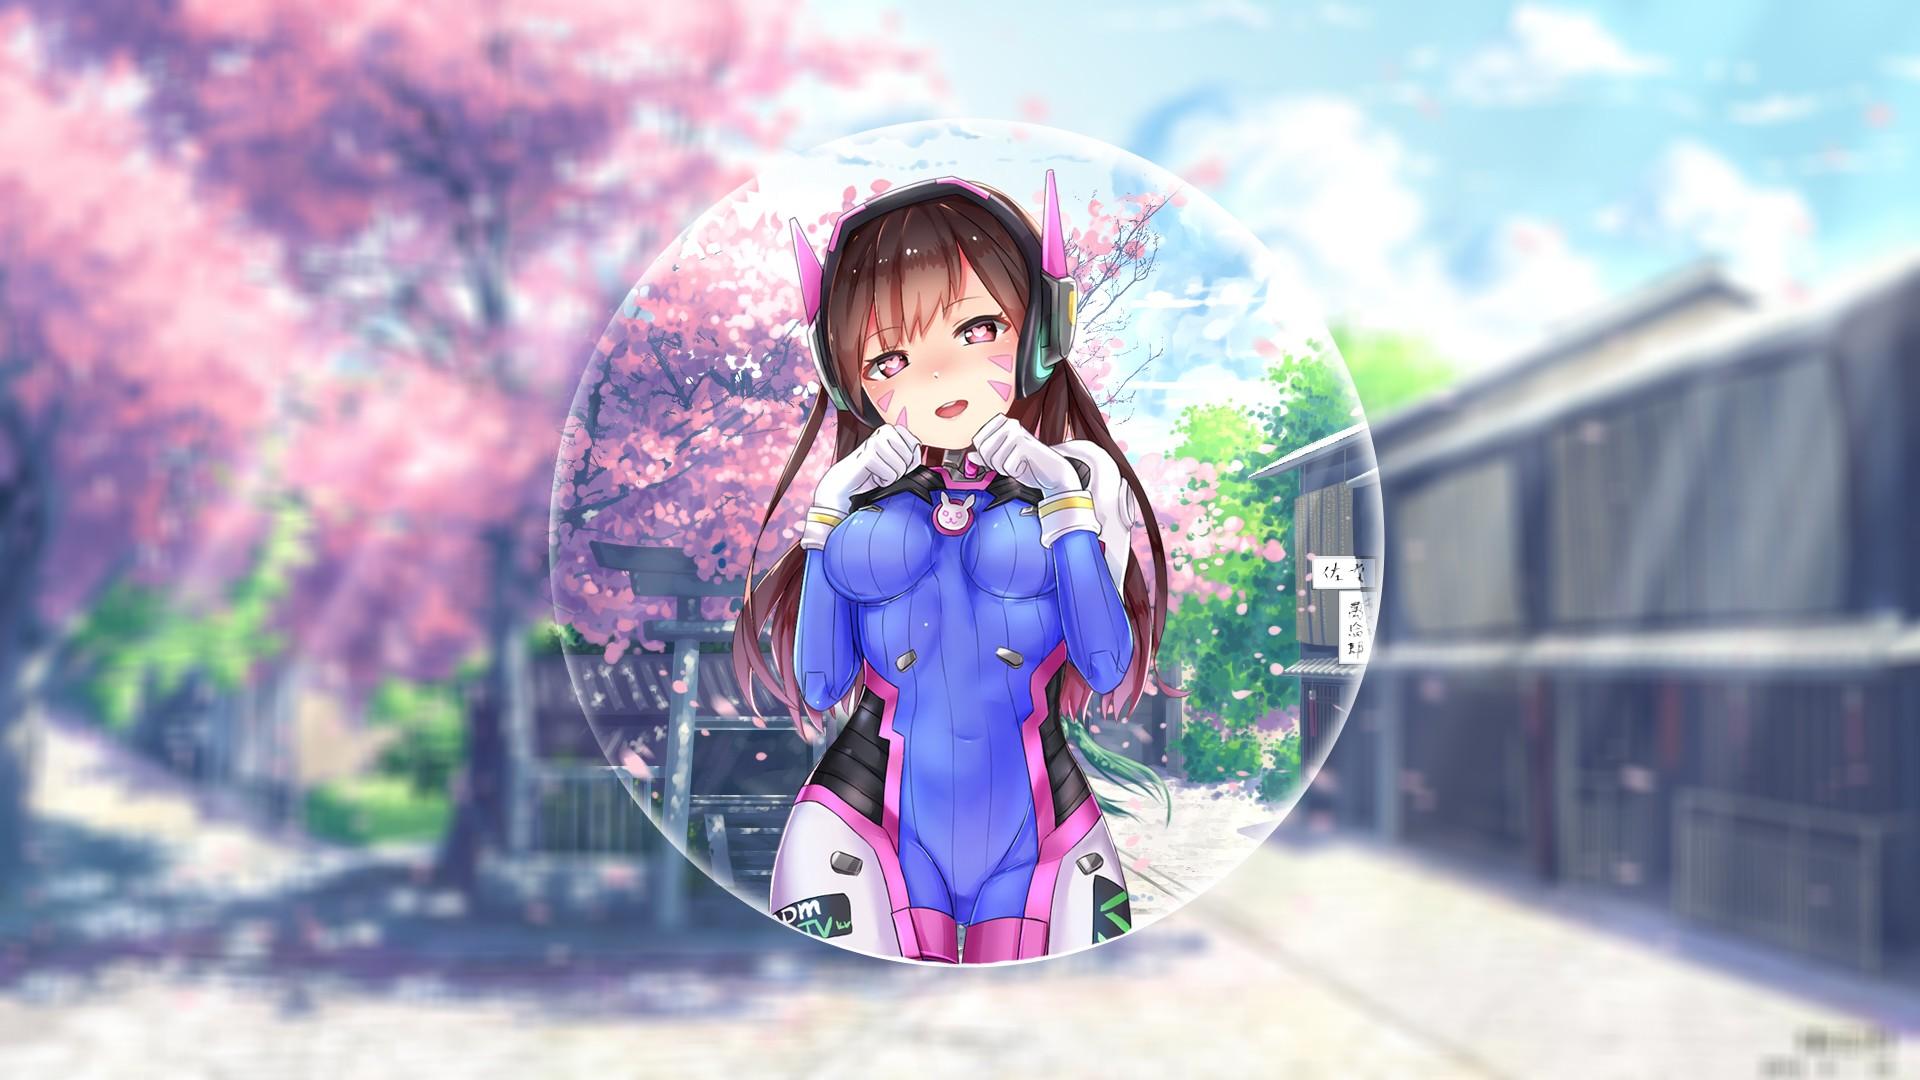 Fondos De Pantalla Anime Azul Supervisión D Va